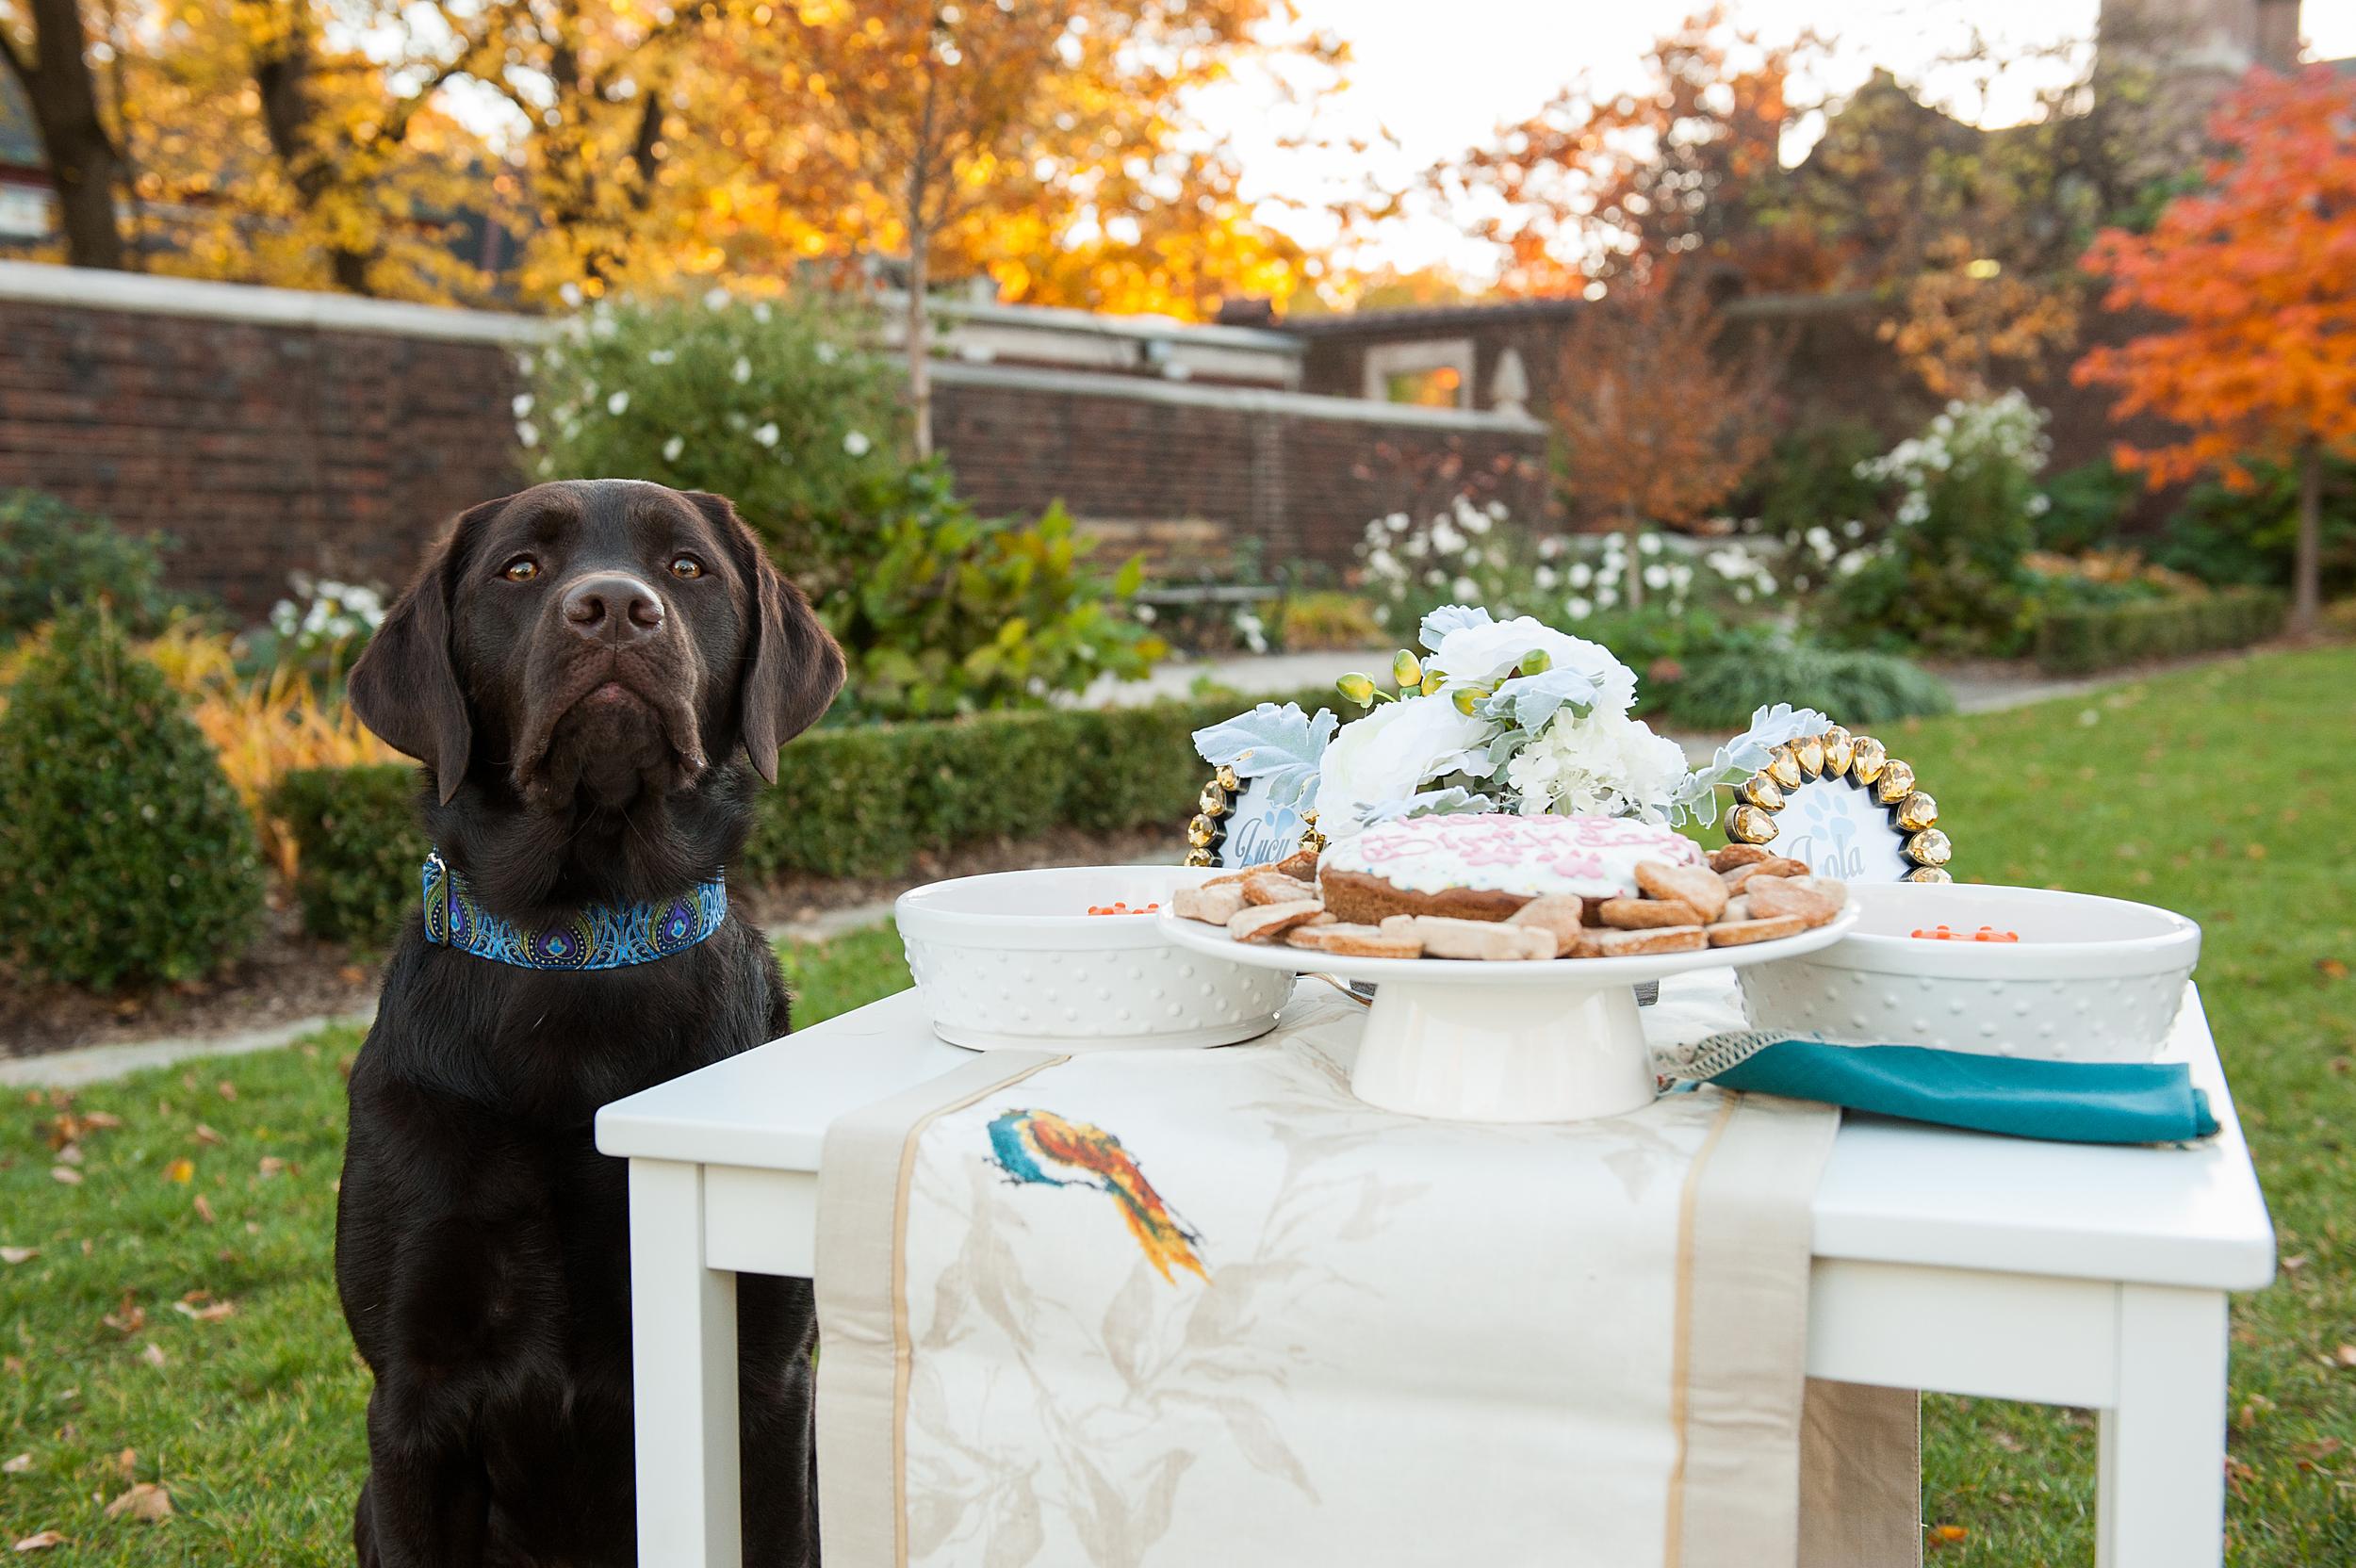 dog-birthday-party-jenny-karlsson-012.jpg